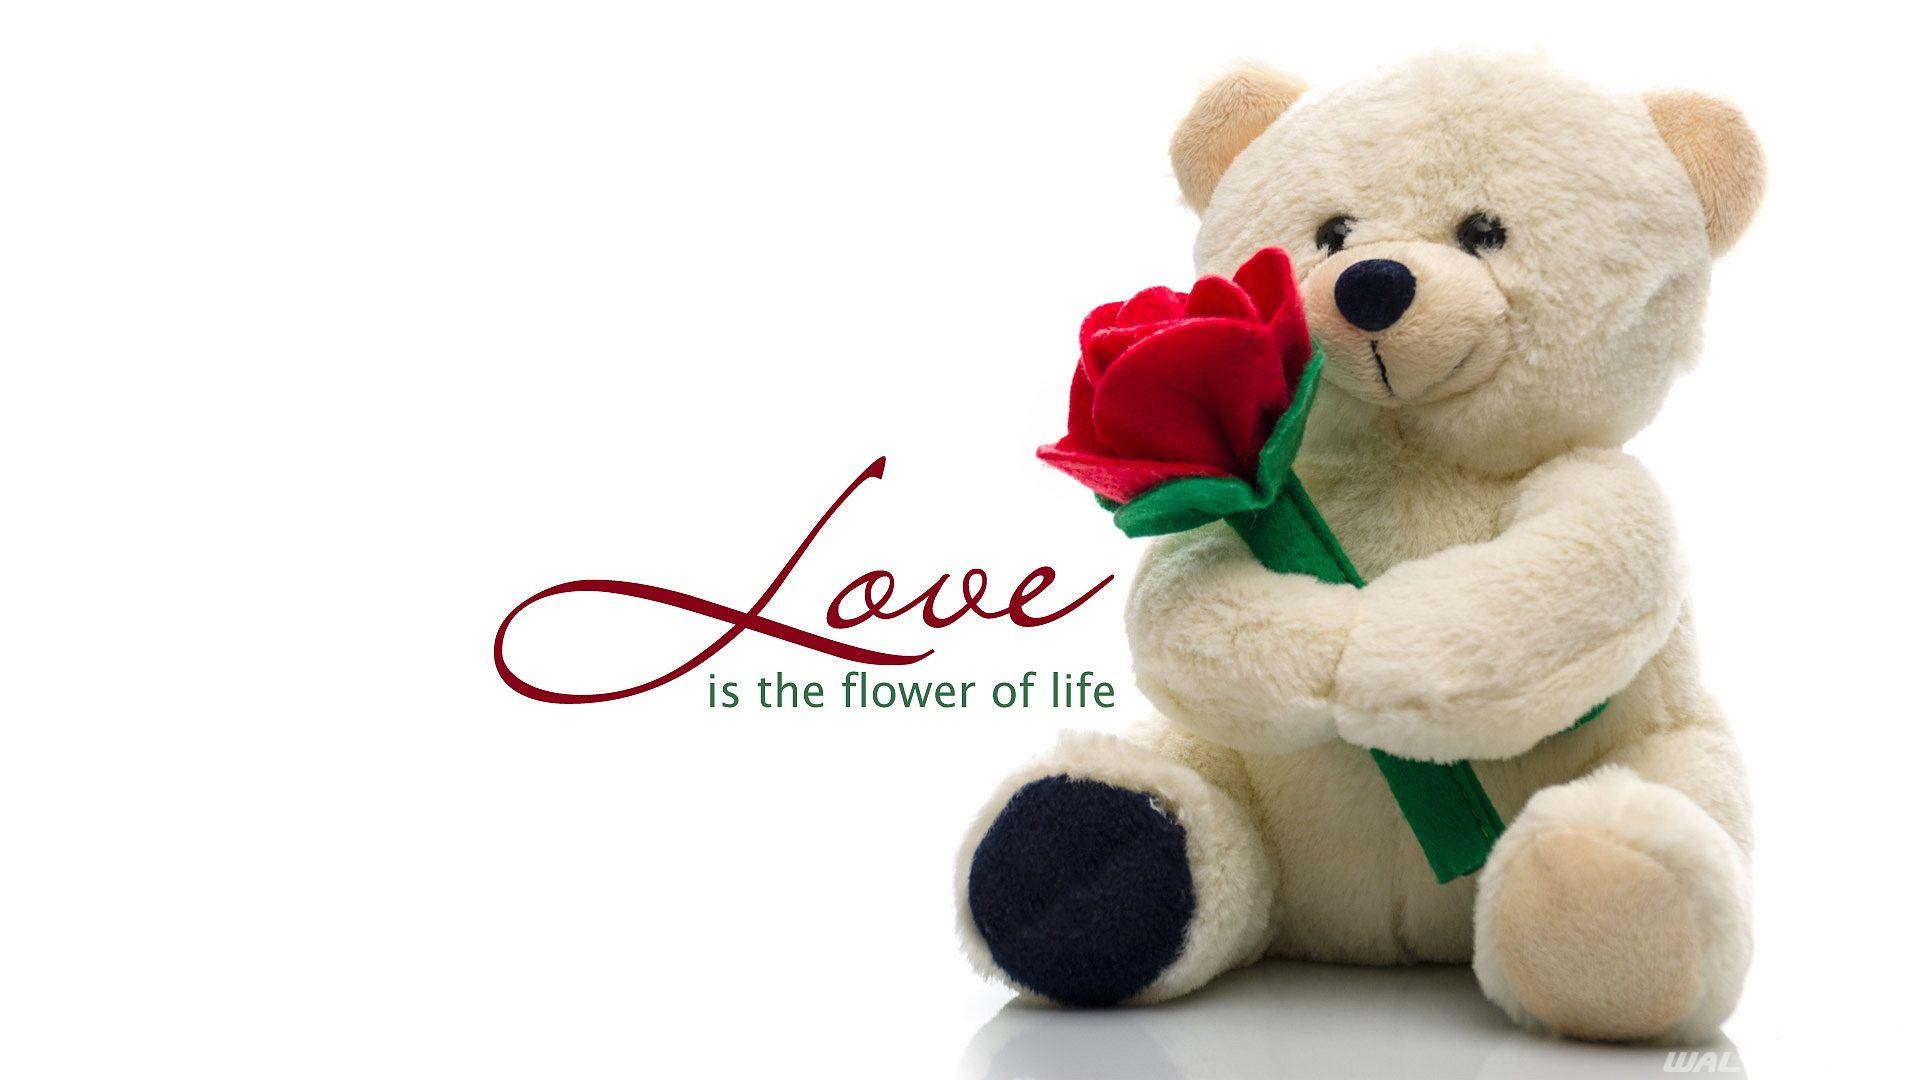 Cute Teddy Bear Love Wallpaper Hd Desktop Wallpapers Love Love